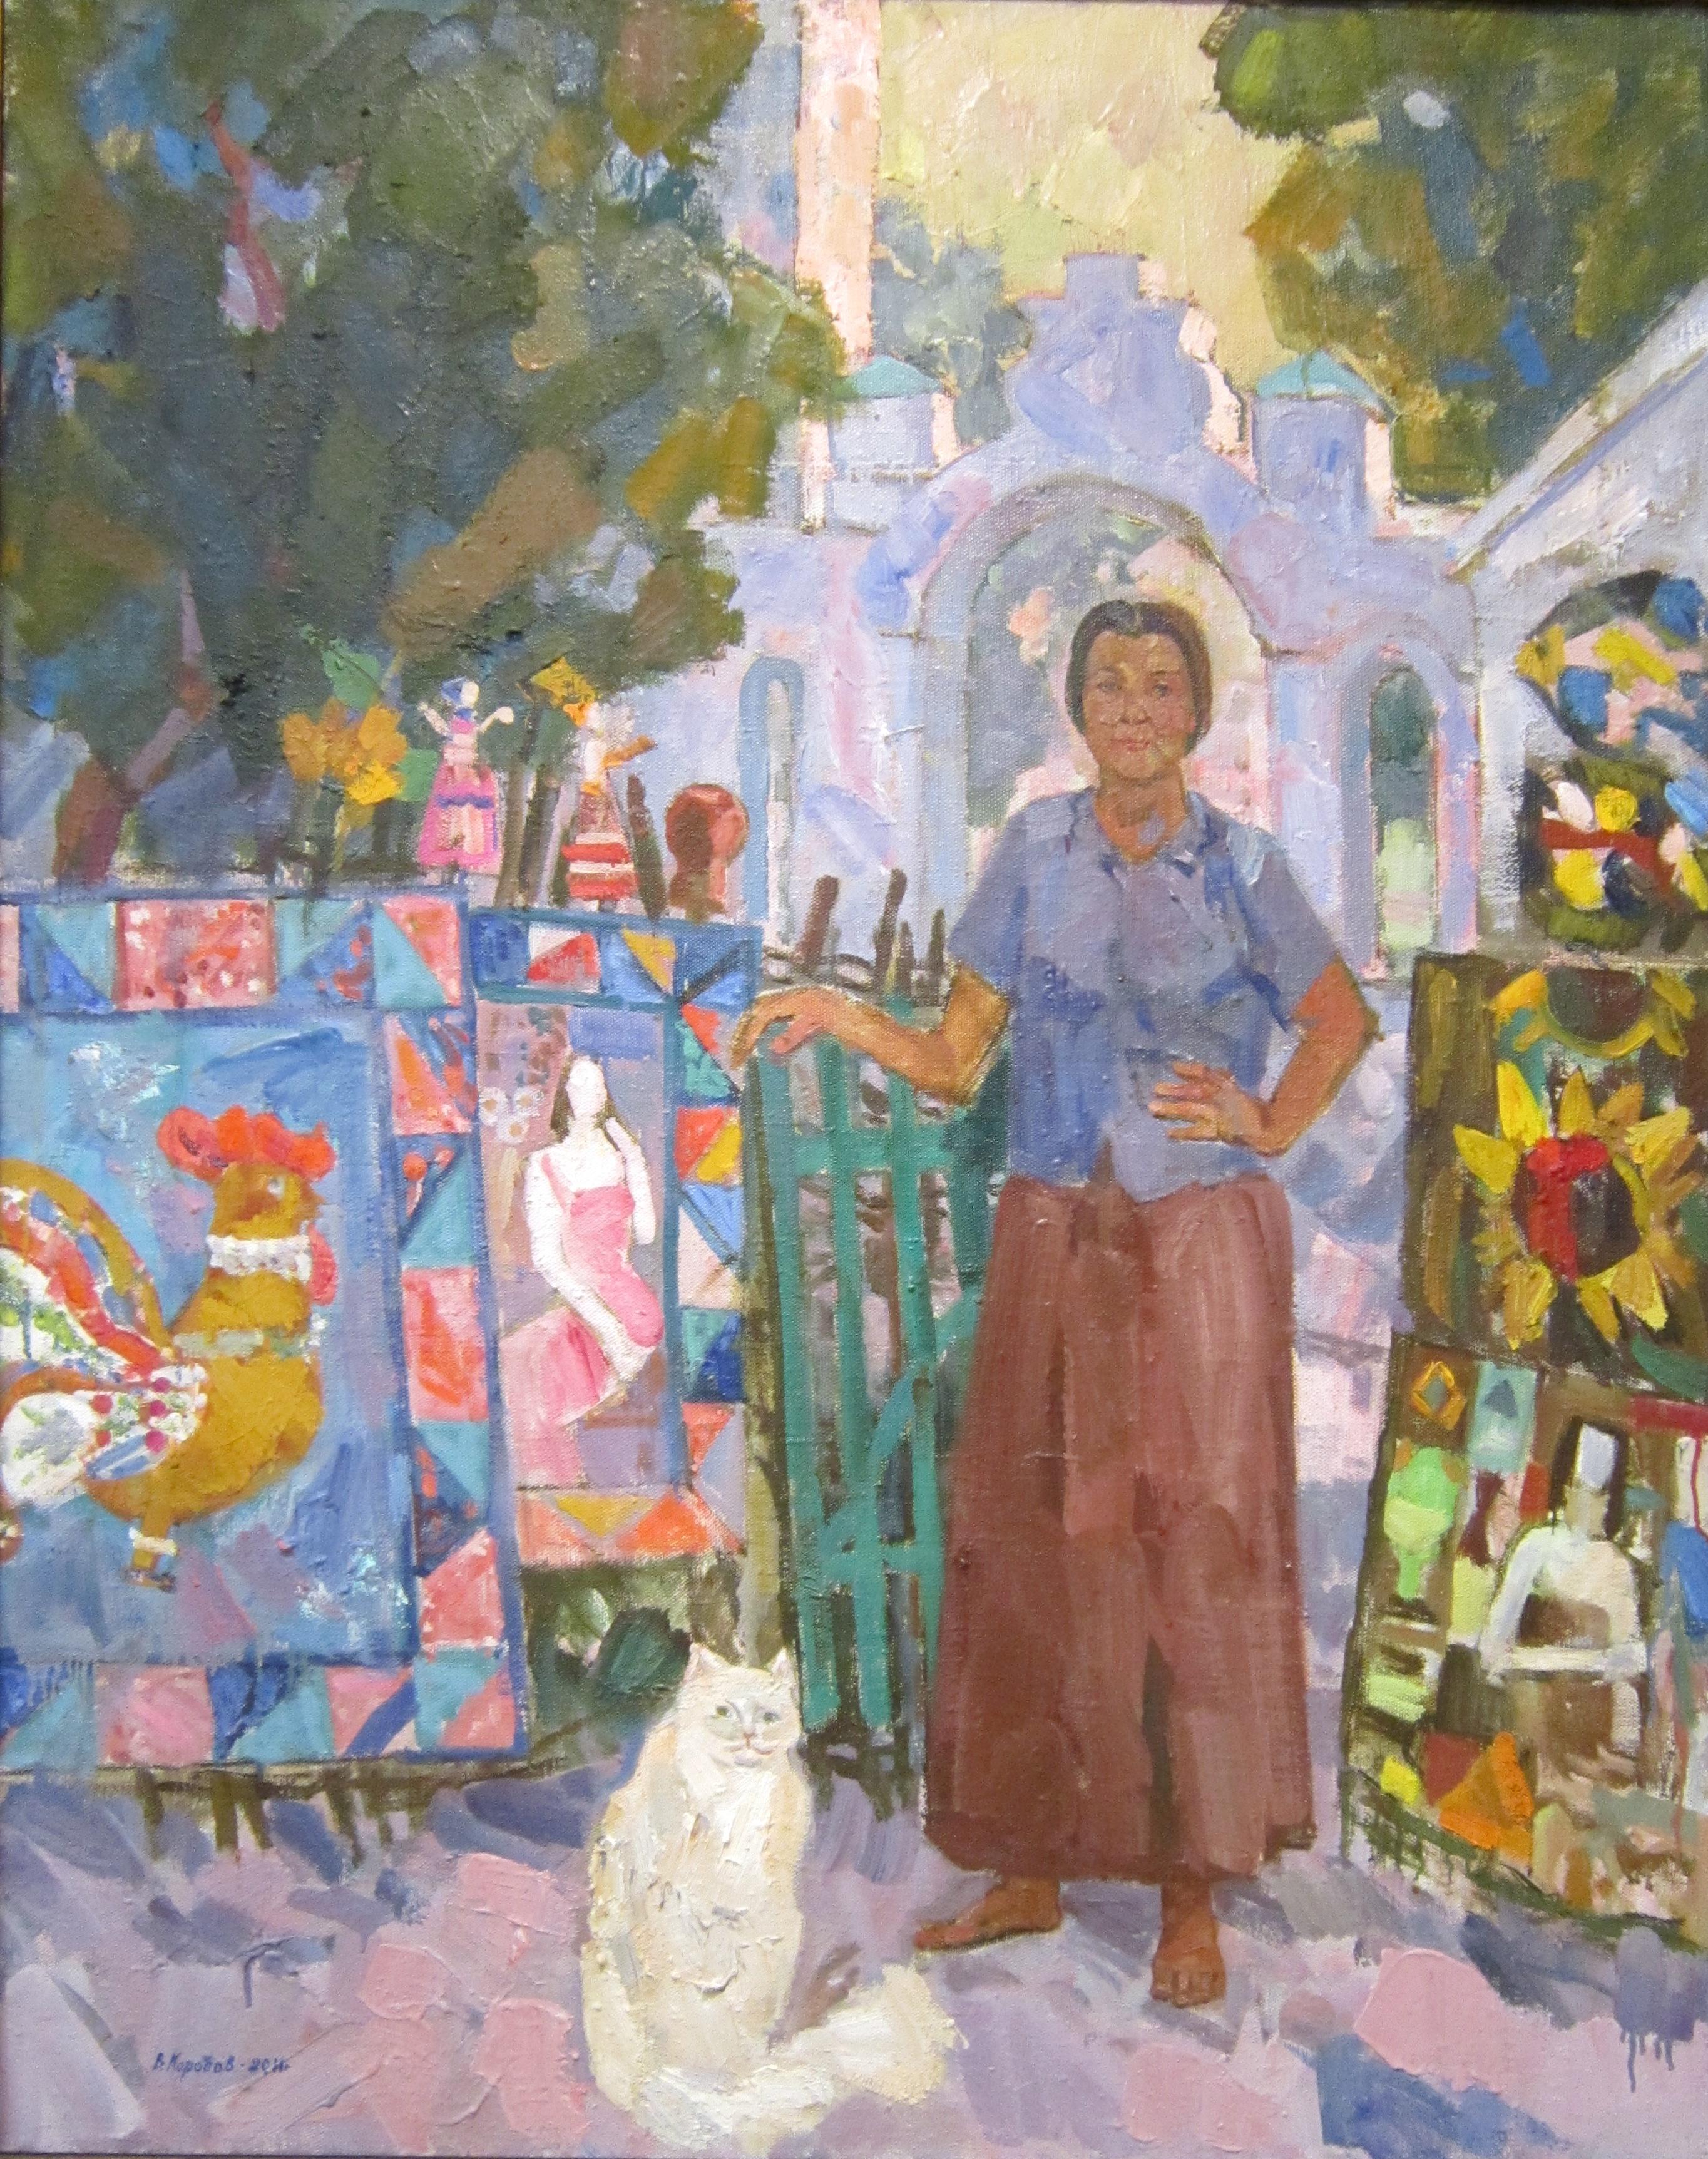 Виталий Фёдорович Коробов (род. в 1936 году). Народный мастер Любовь Бычкова. 2011 год.